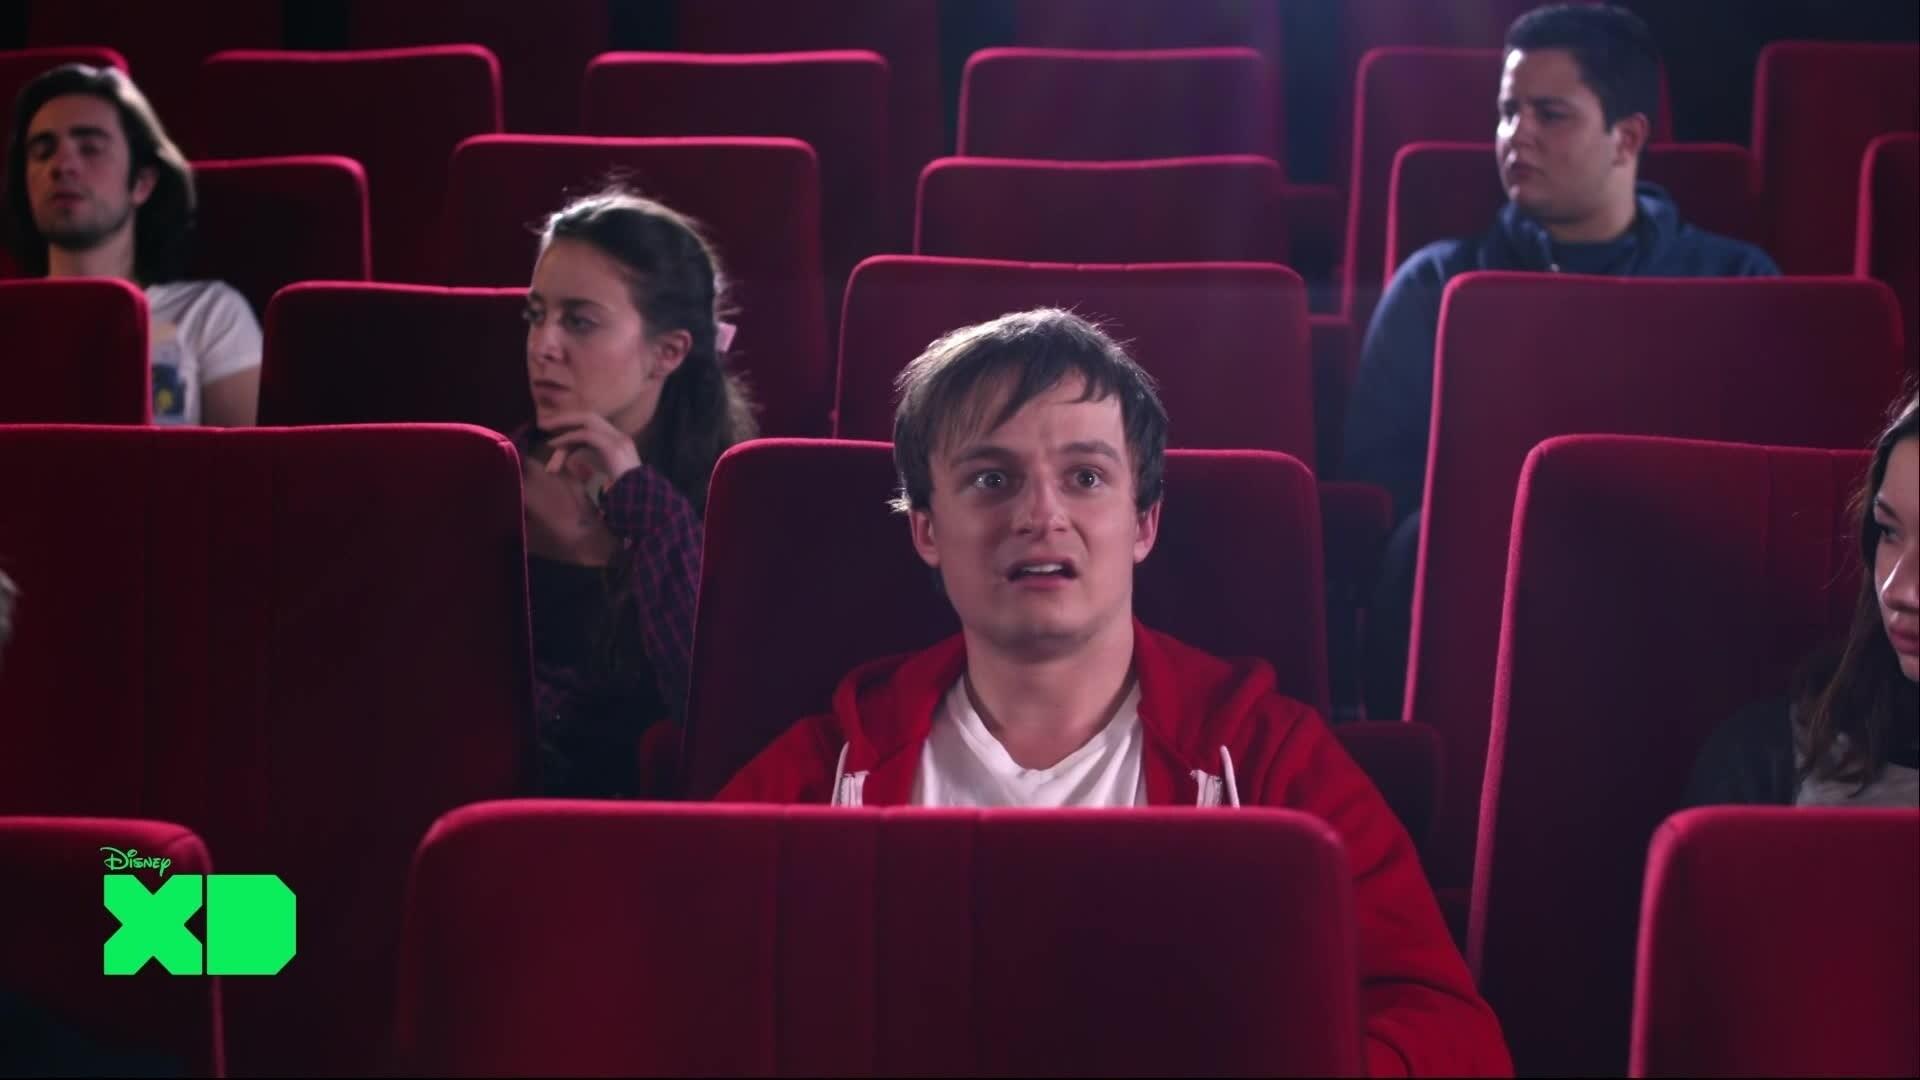 Like Me - Changement de décor / Ceux que l'on ne veut pas croiser au cinéma